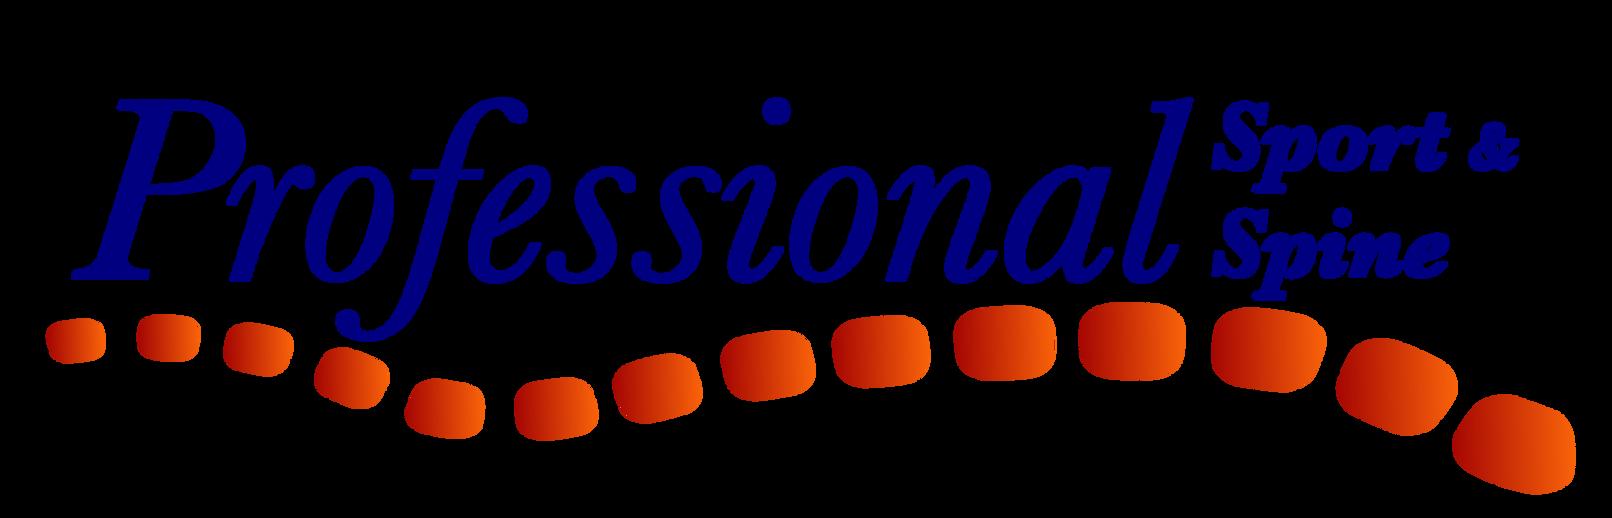 Blue font with Orange Spine.png